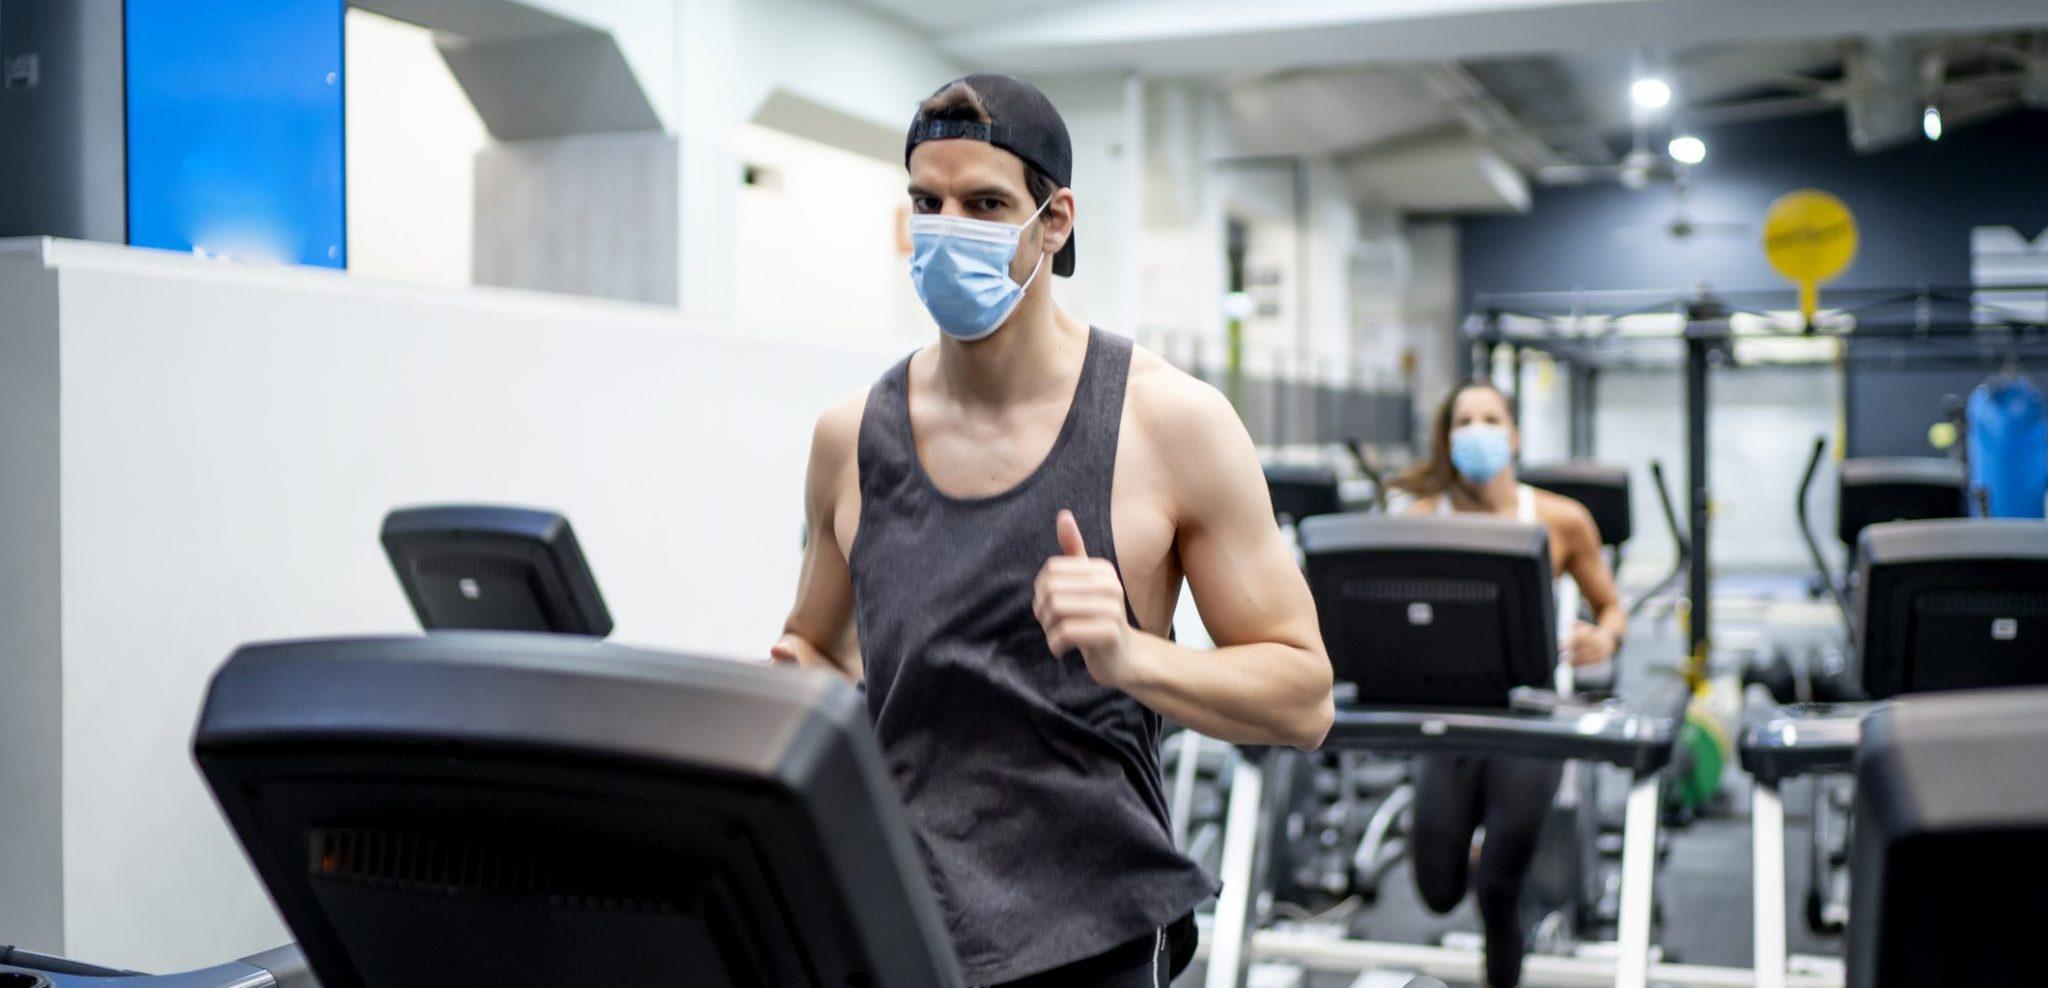 Fitness ist gerade jetzt sehr empfehlenswert